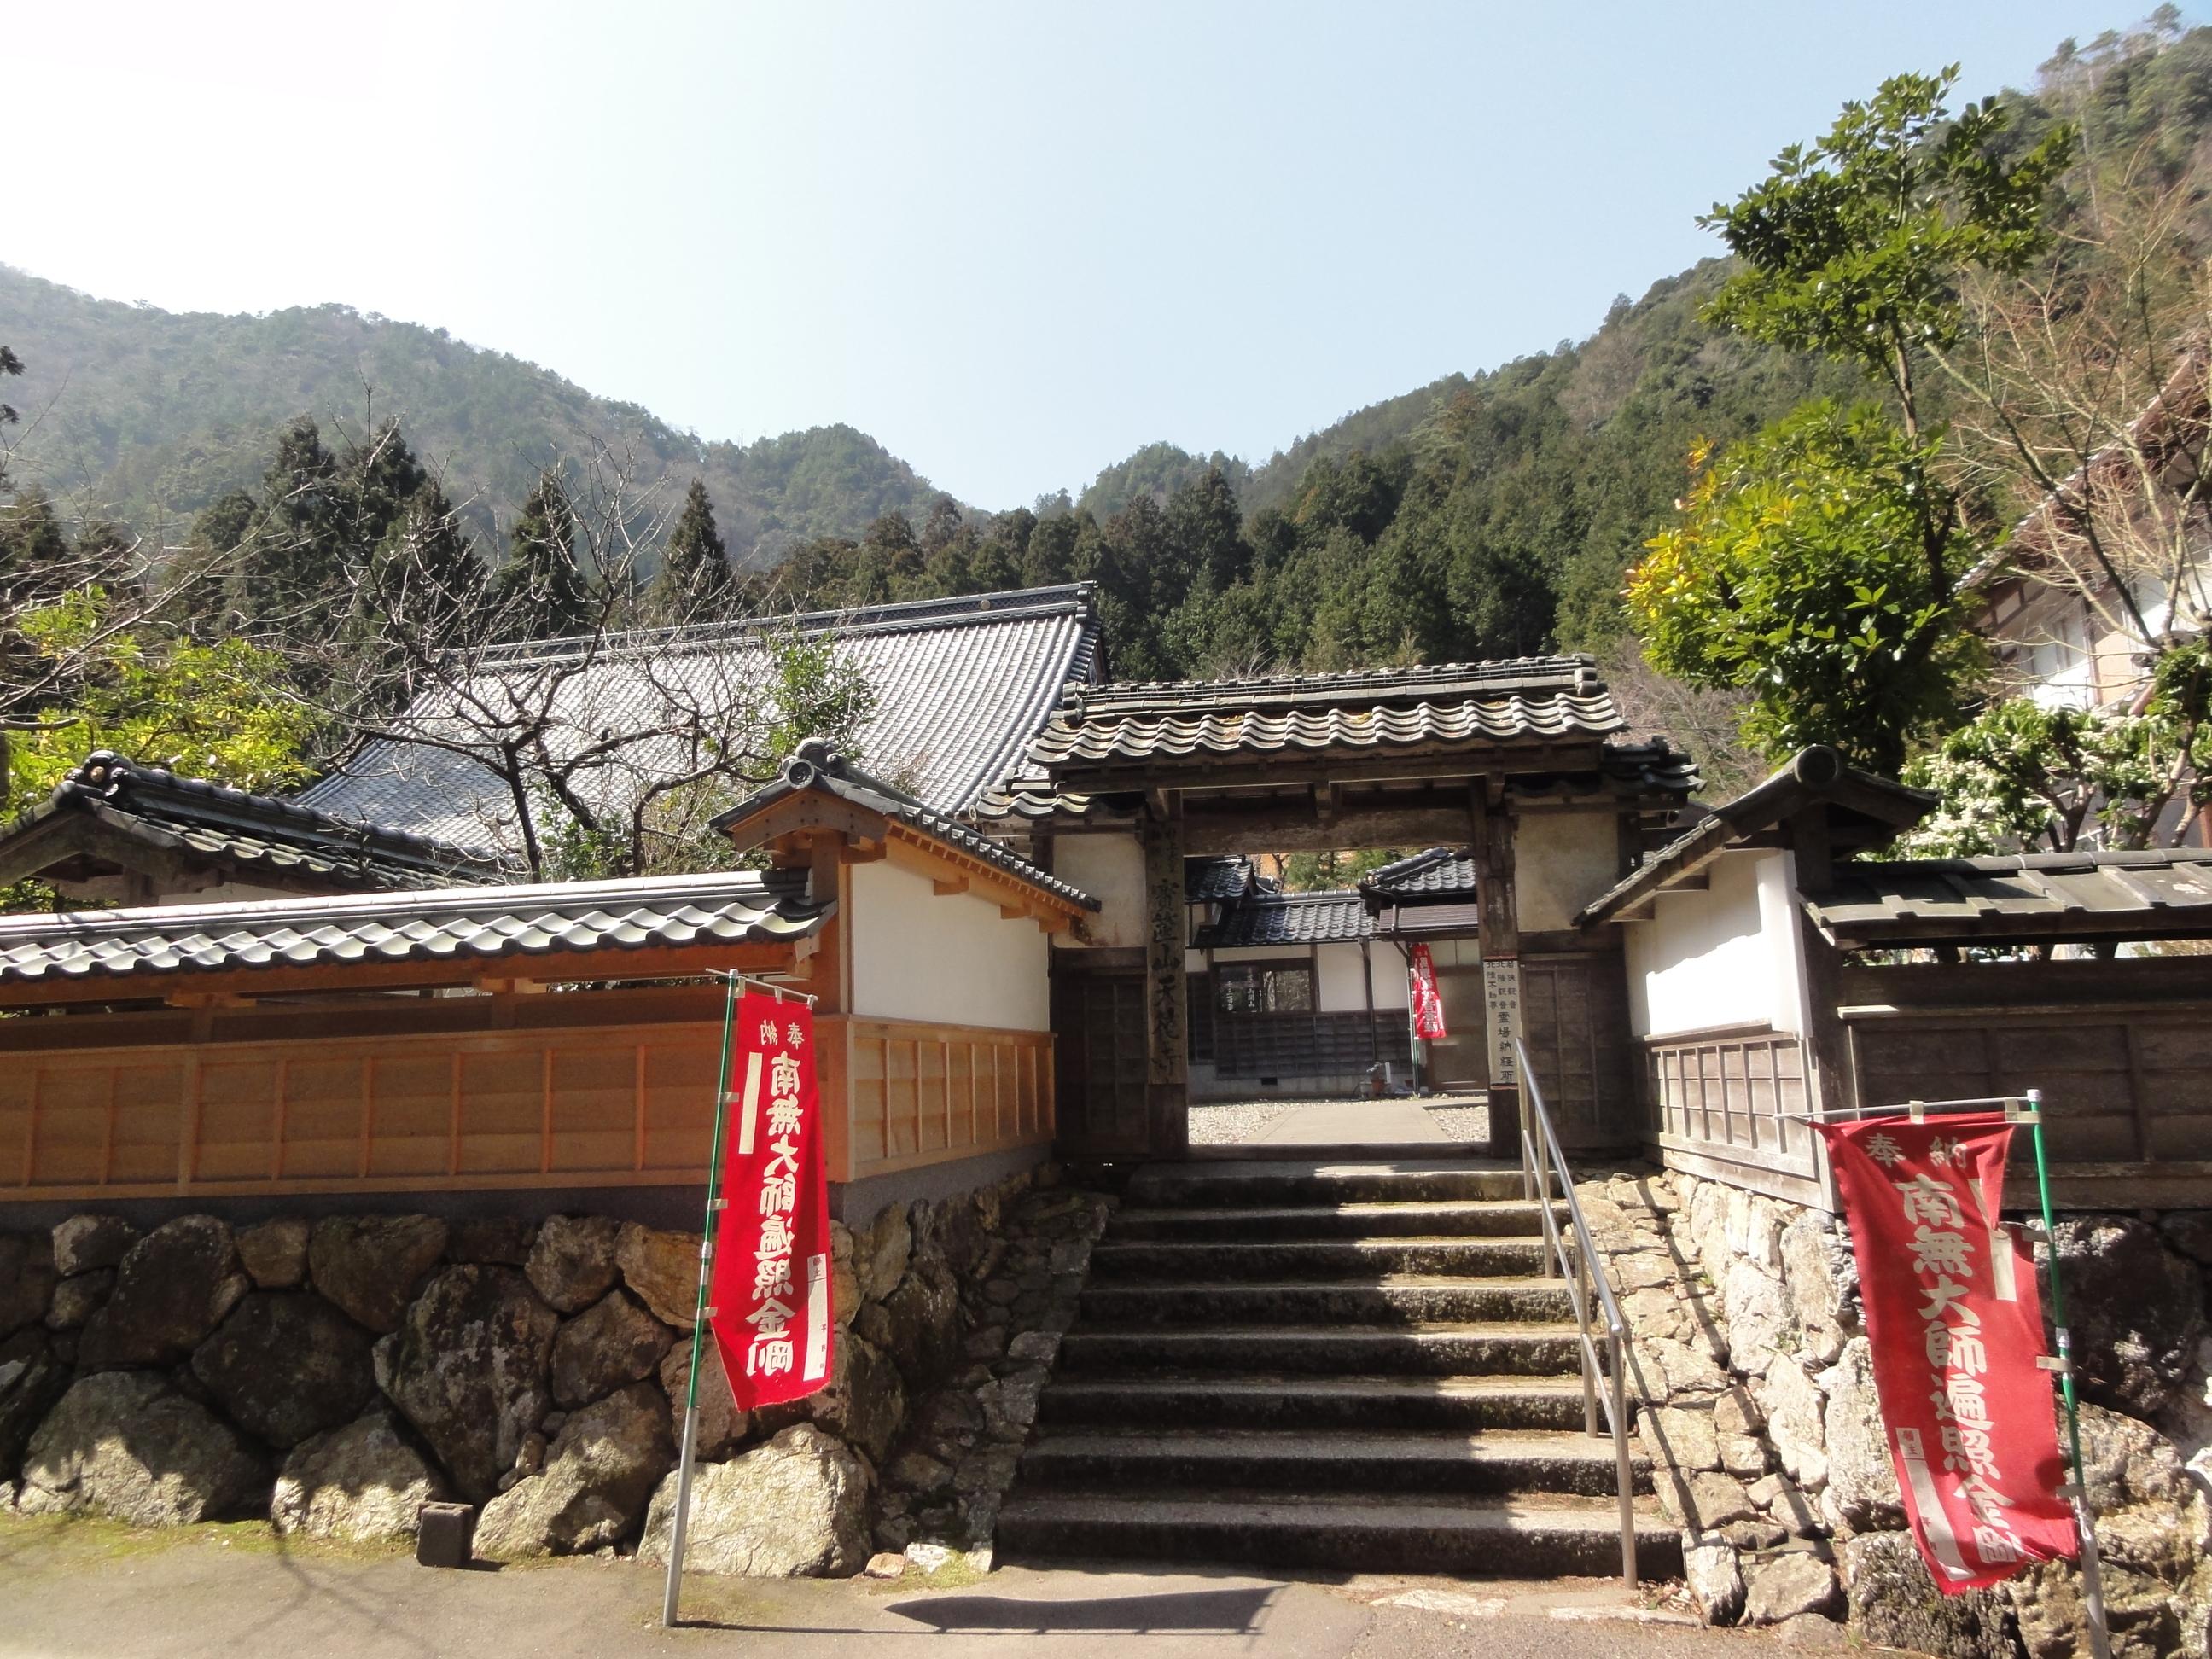 宝篋山 天徳寺(若狭瓜割名水公園)